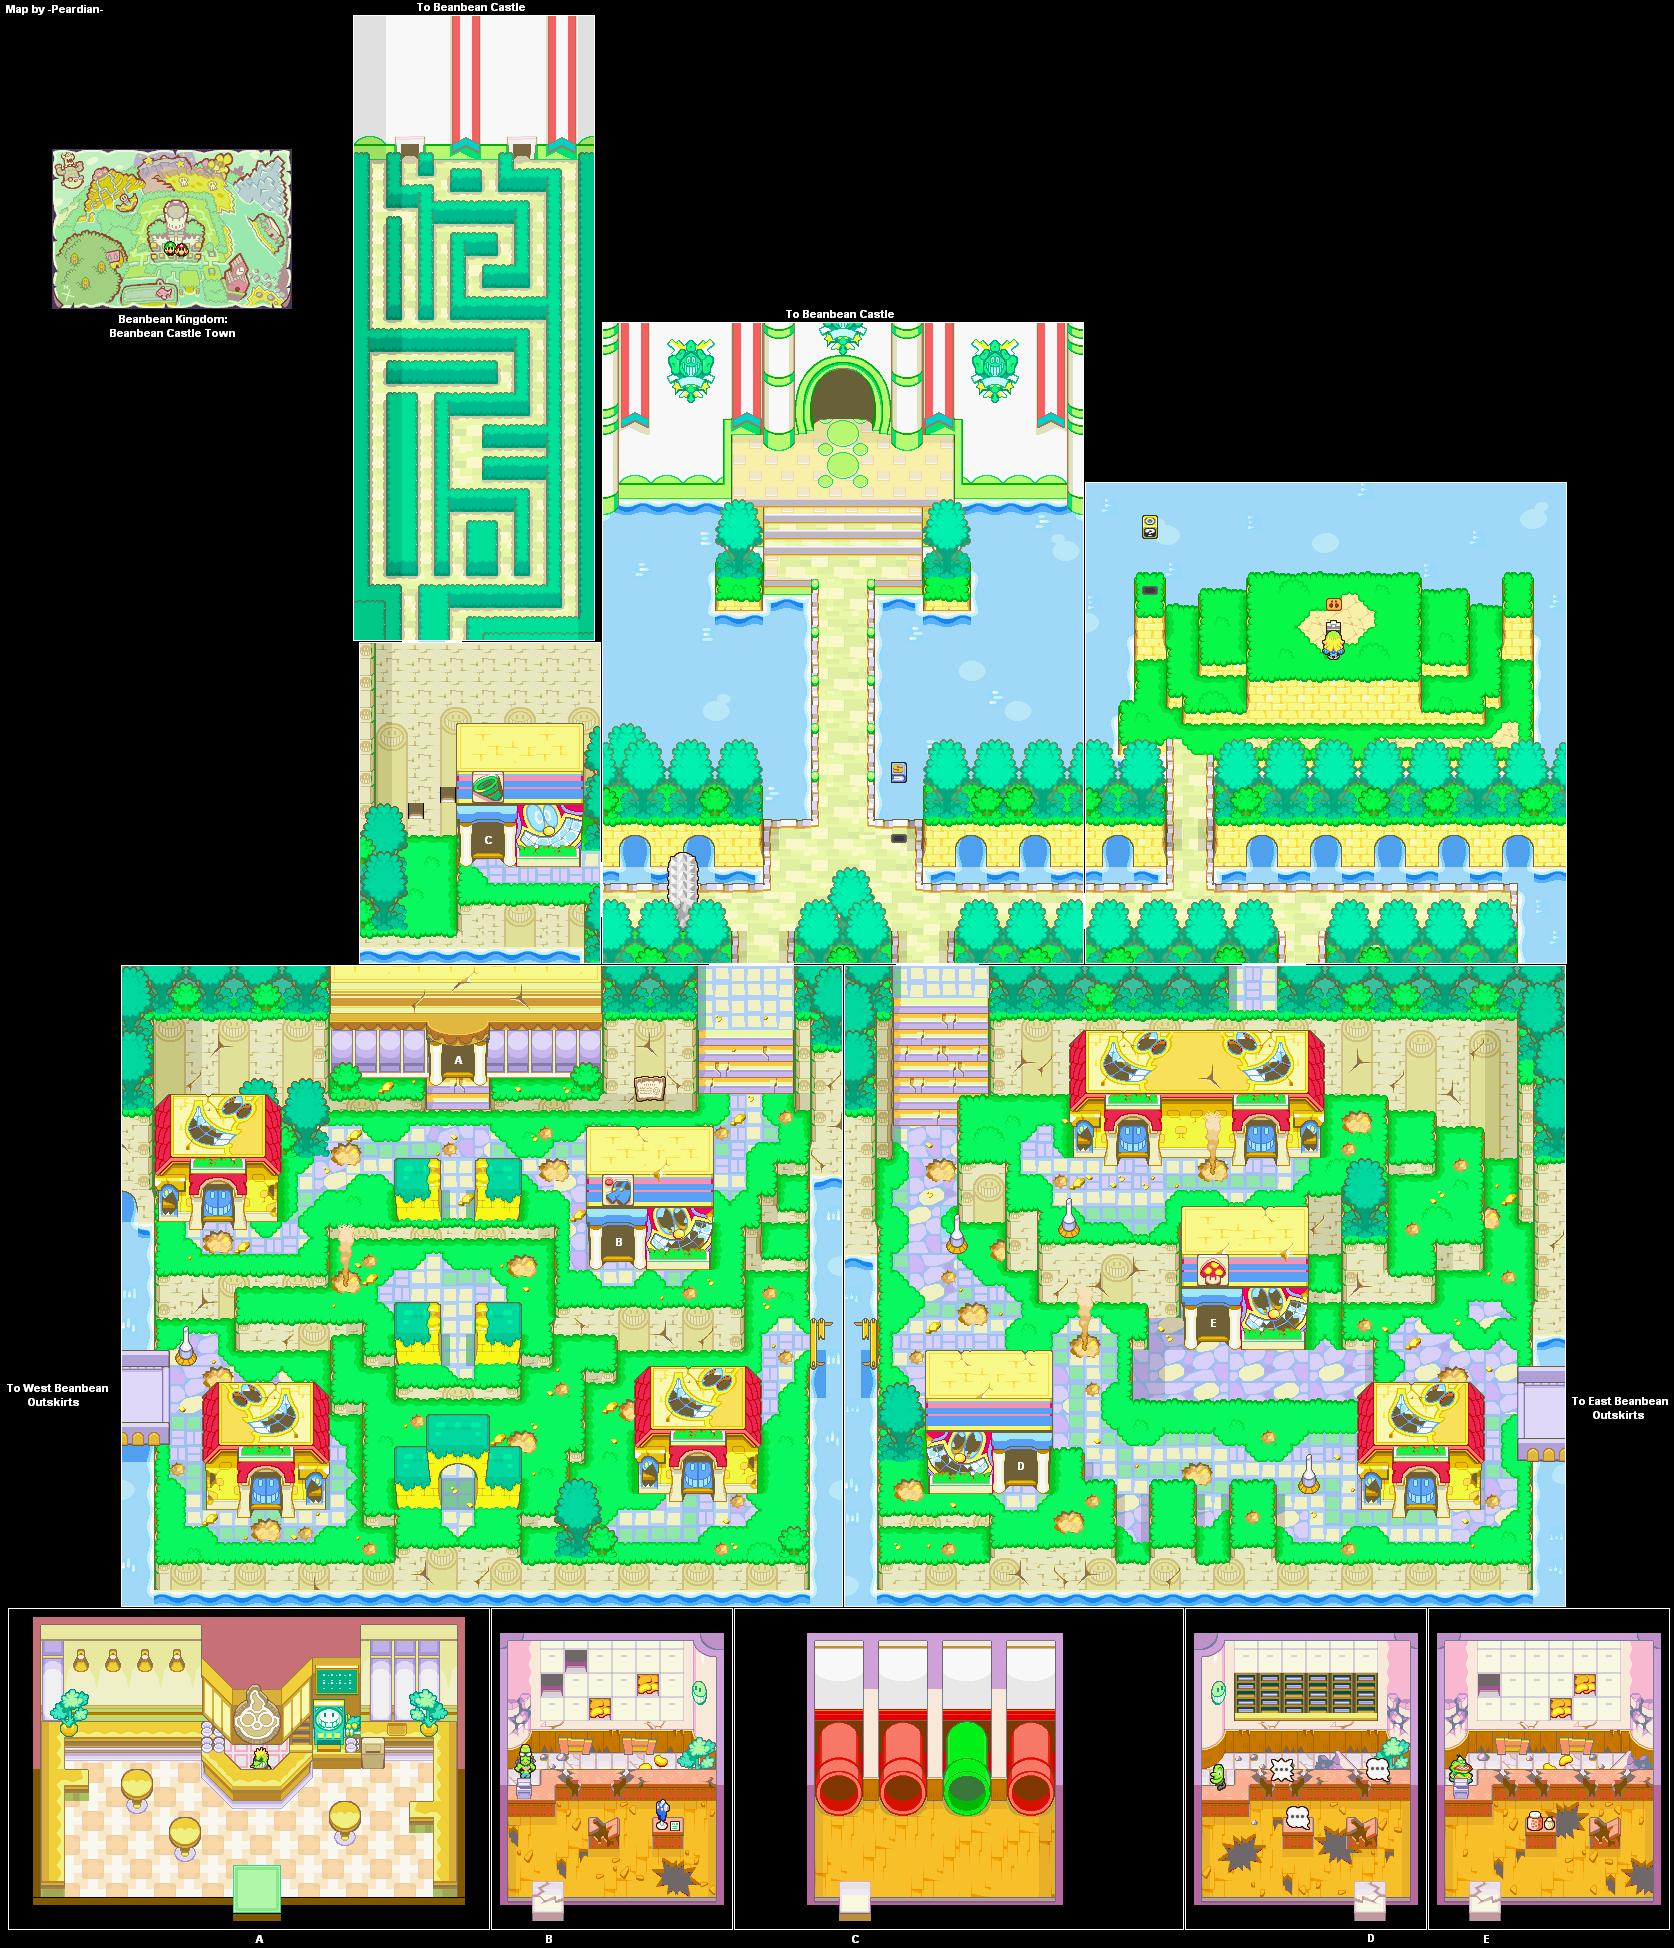 Mario Luigi Superstar Saga Gba Game Maps